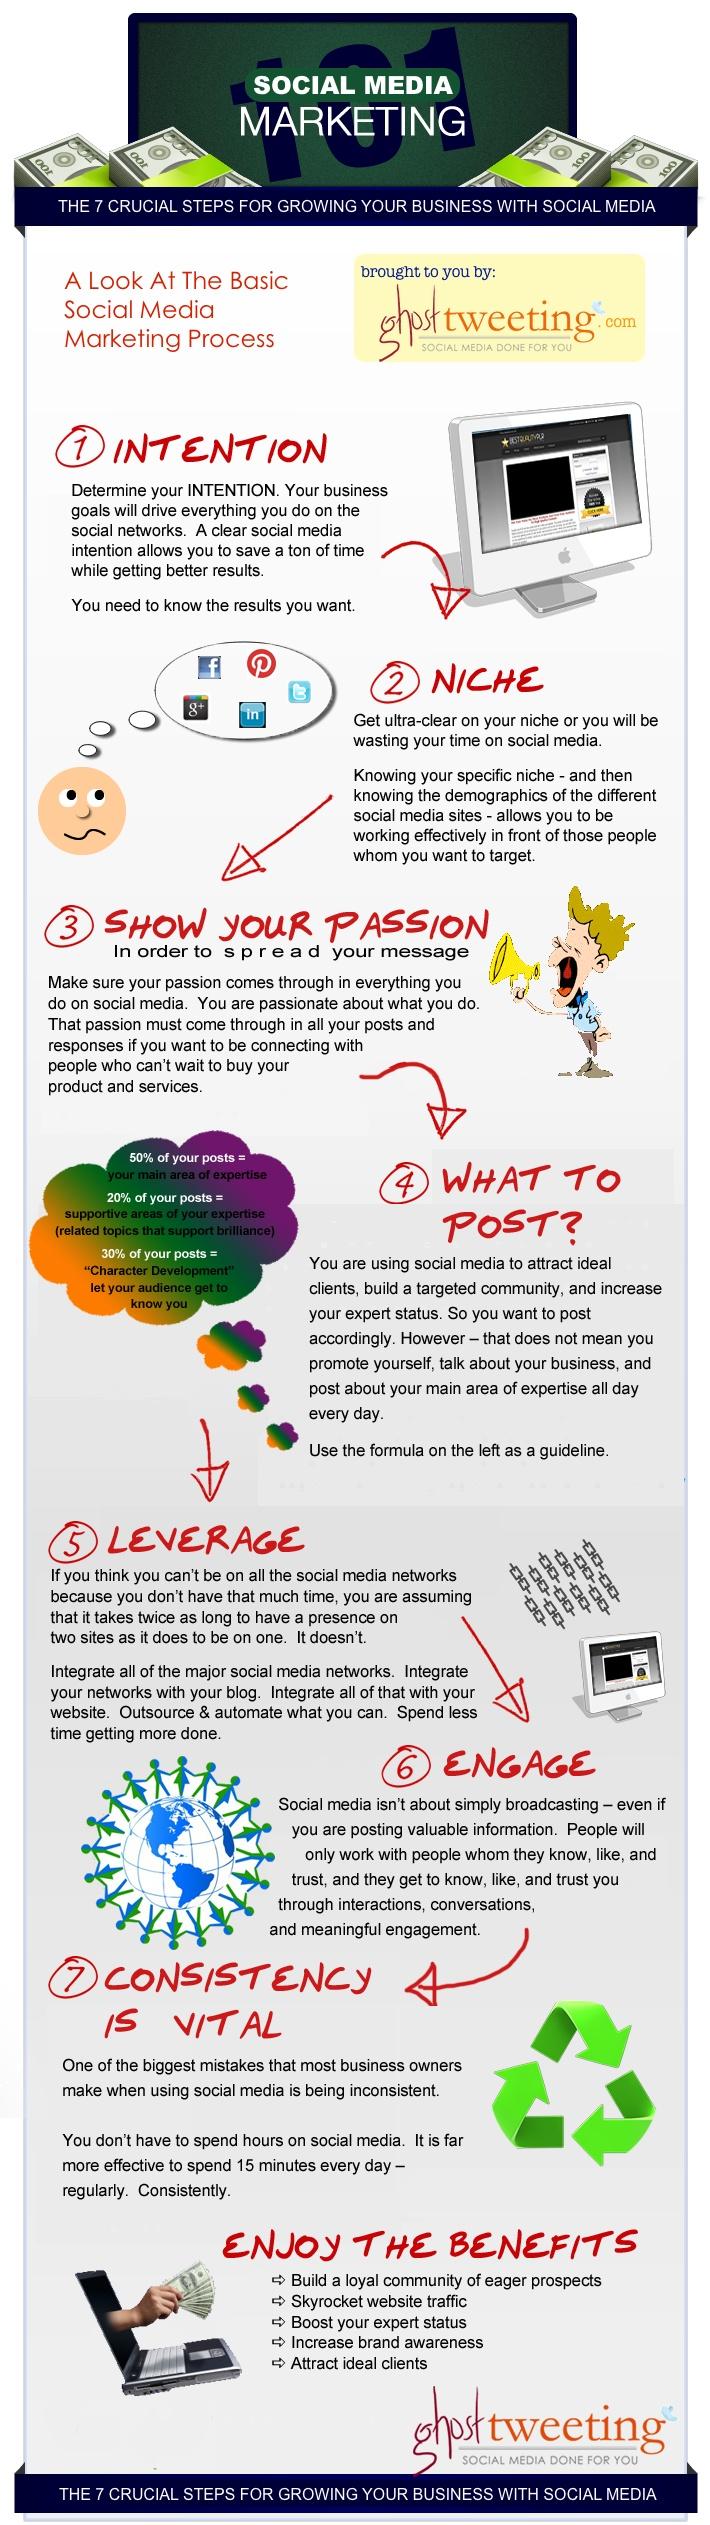 7 pasos para crecer tu empresas con Social Media